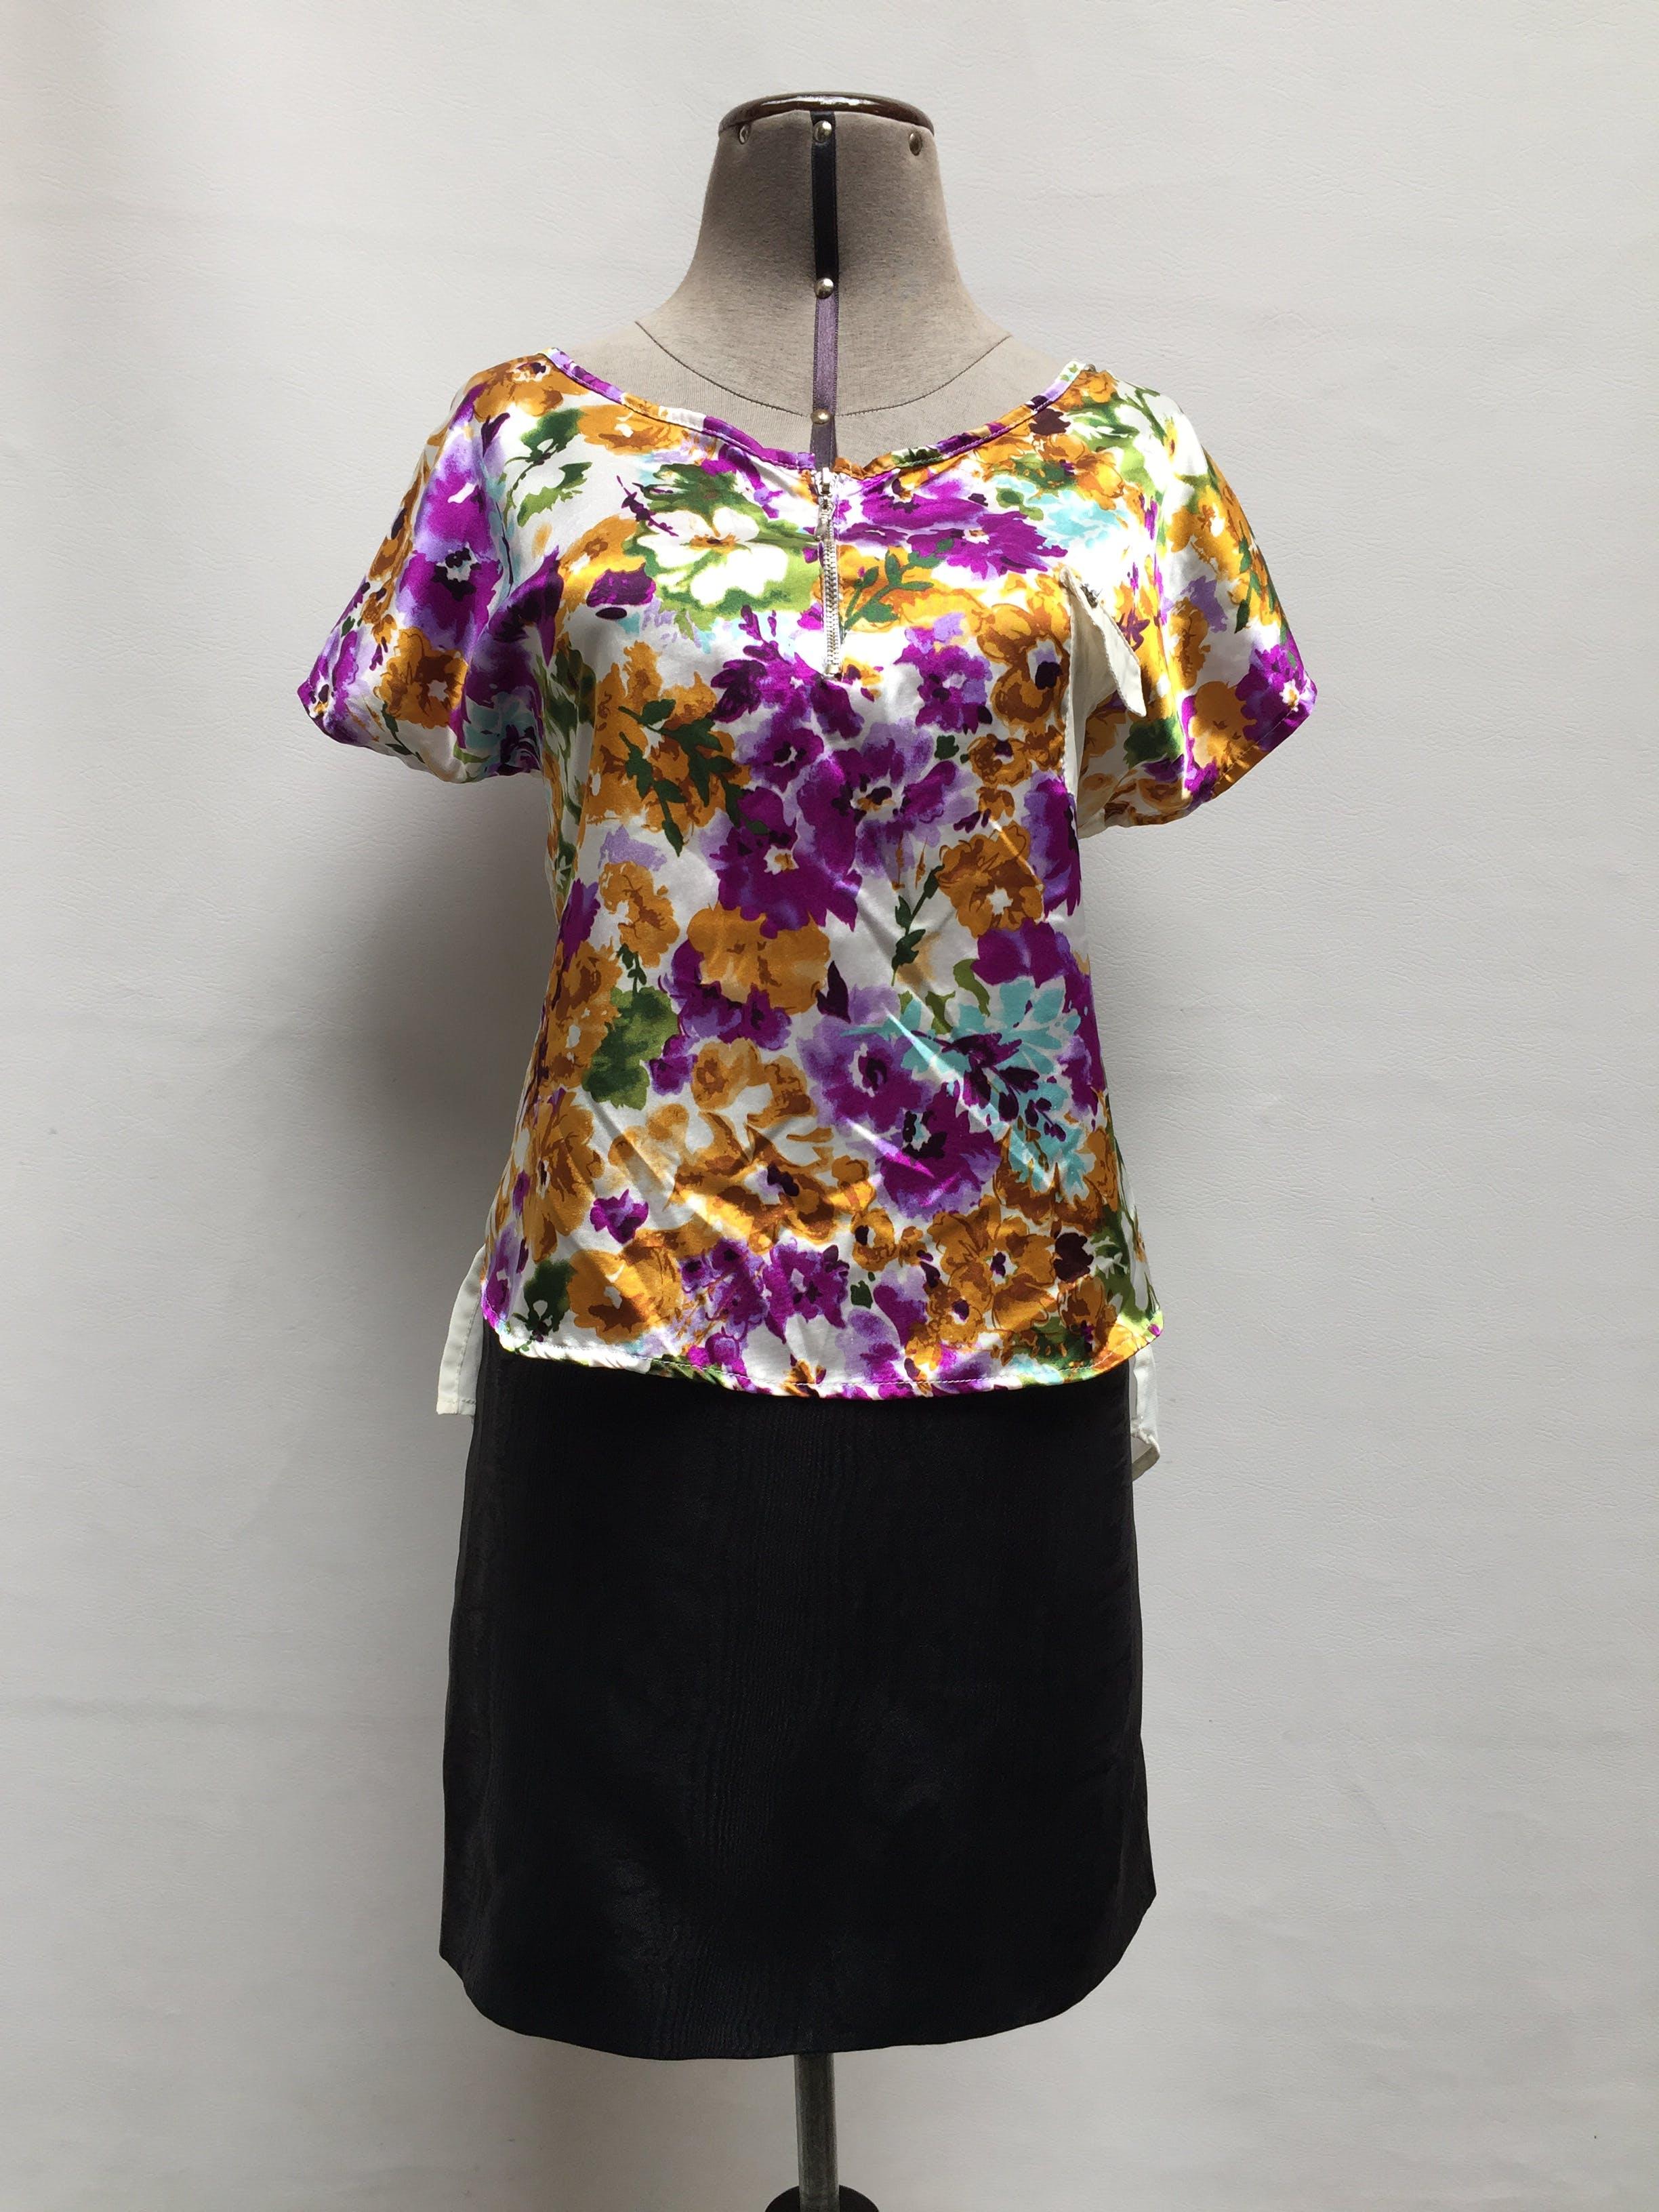 Blusa blanca satinada con estampado de flores en tonos violetas, celestes, amarillas y verdes, parte posterior de gasa blanca, cierre metálico en el escote y bolsillo en el pecho Talla M